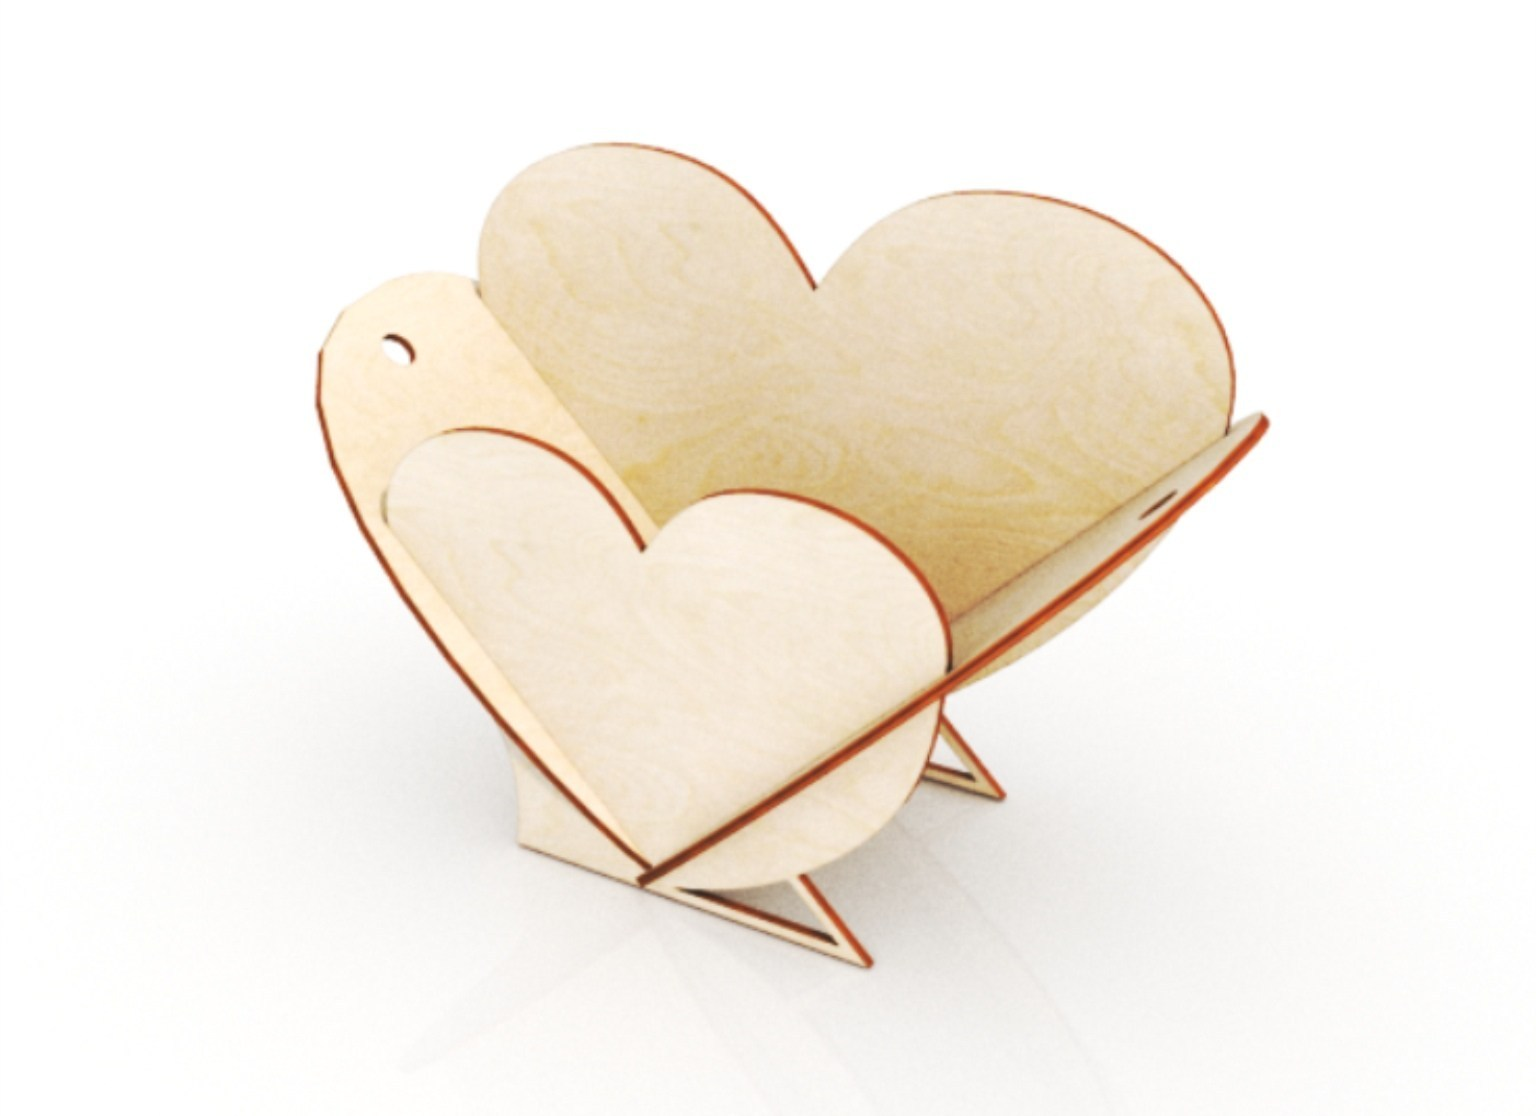 Heart Shape Flower Basket Laser Cutting Template 3mm Free CDR Vectors Art